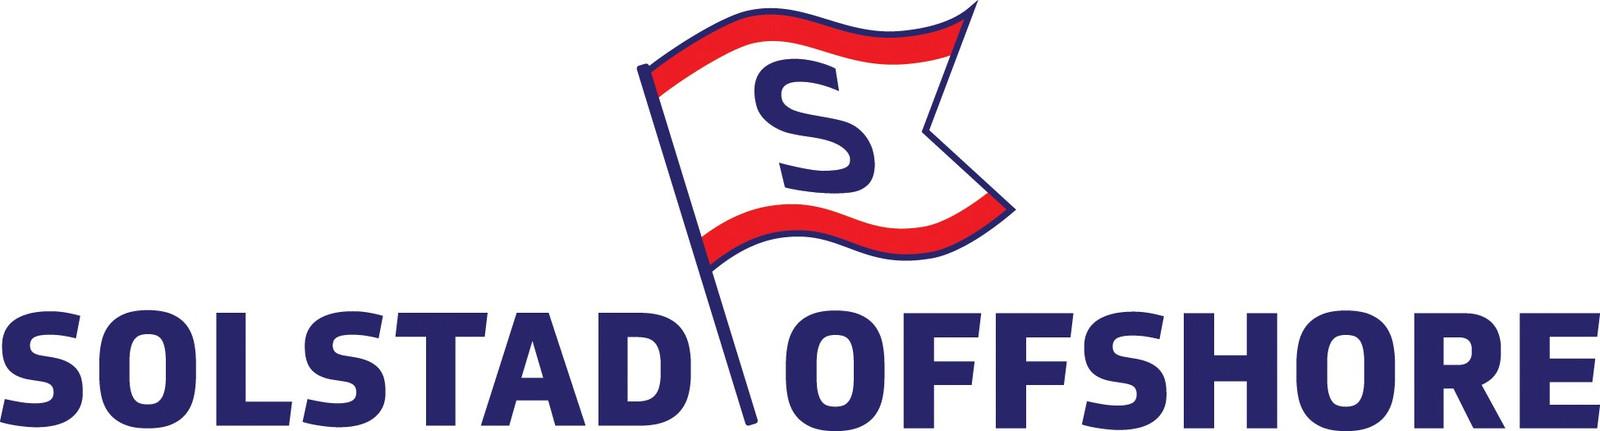 Solstad Offshore ASA